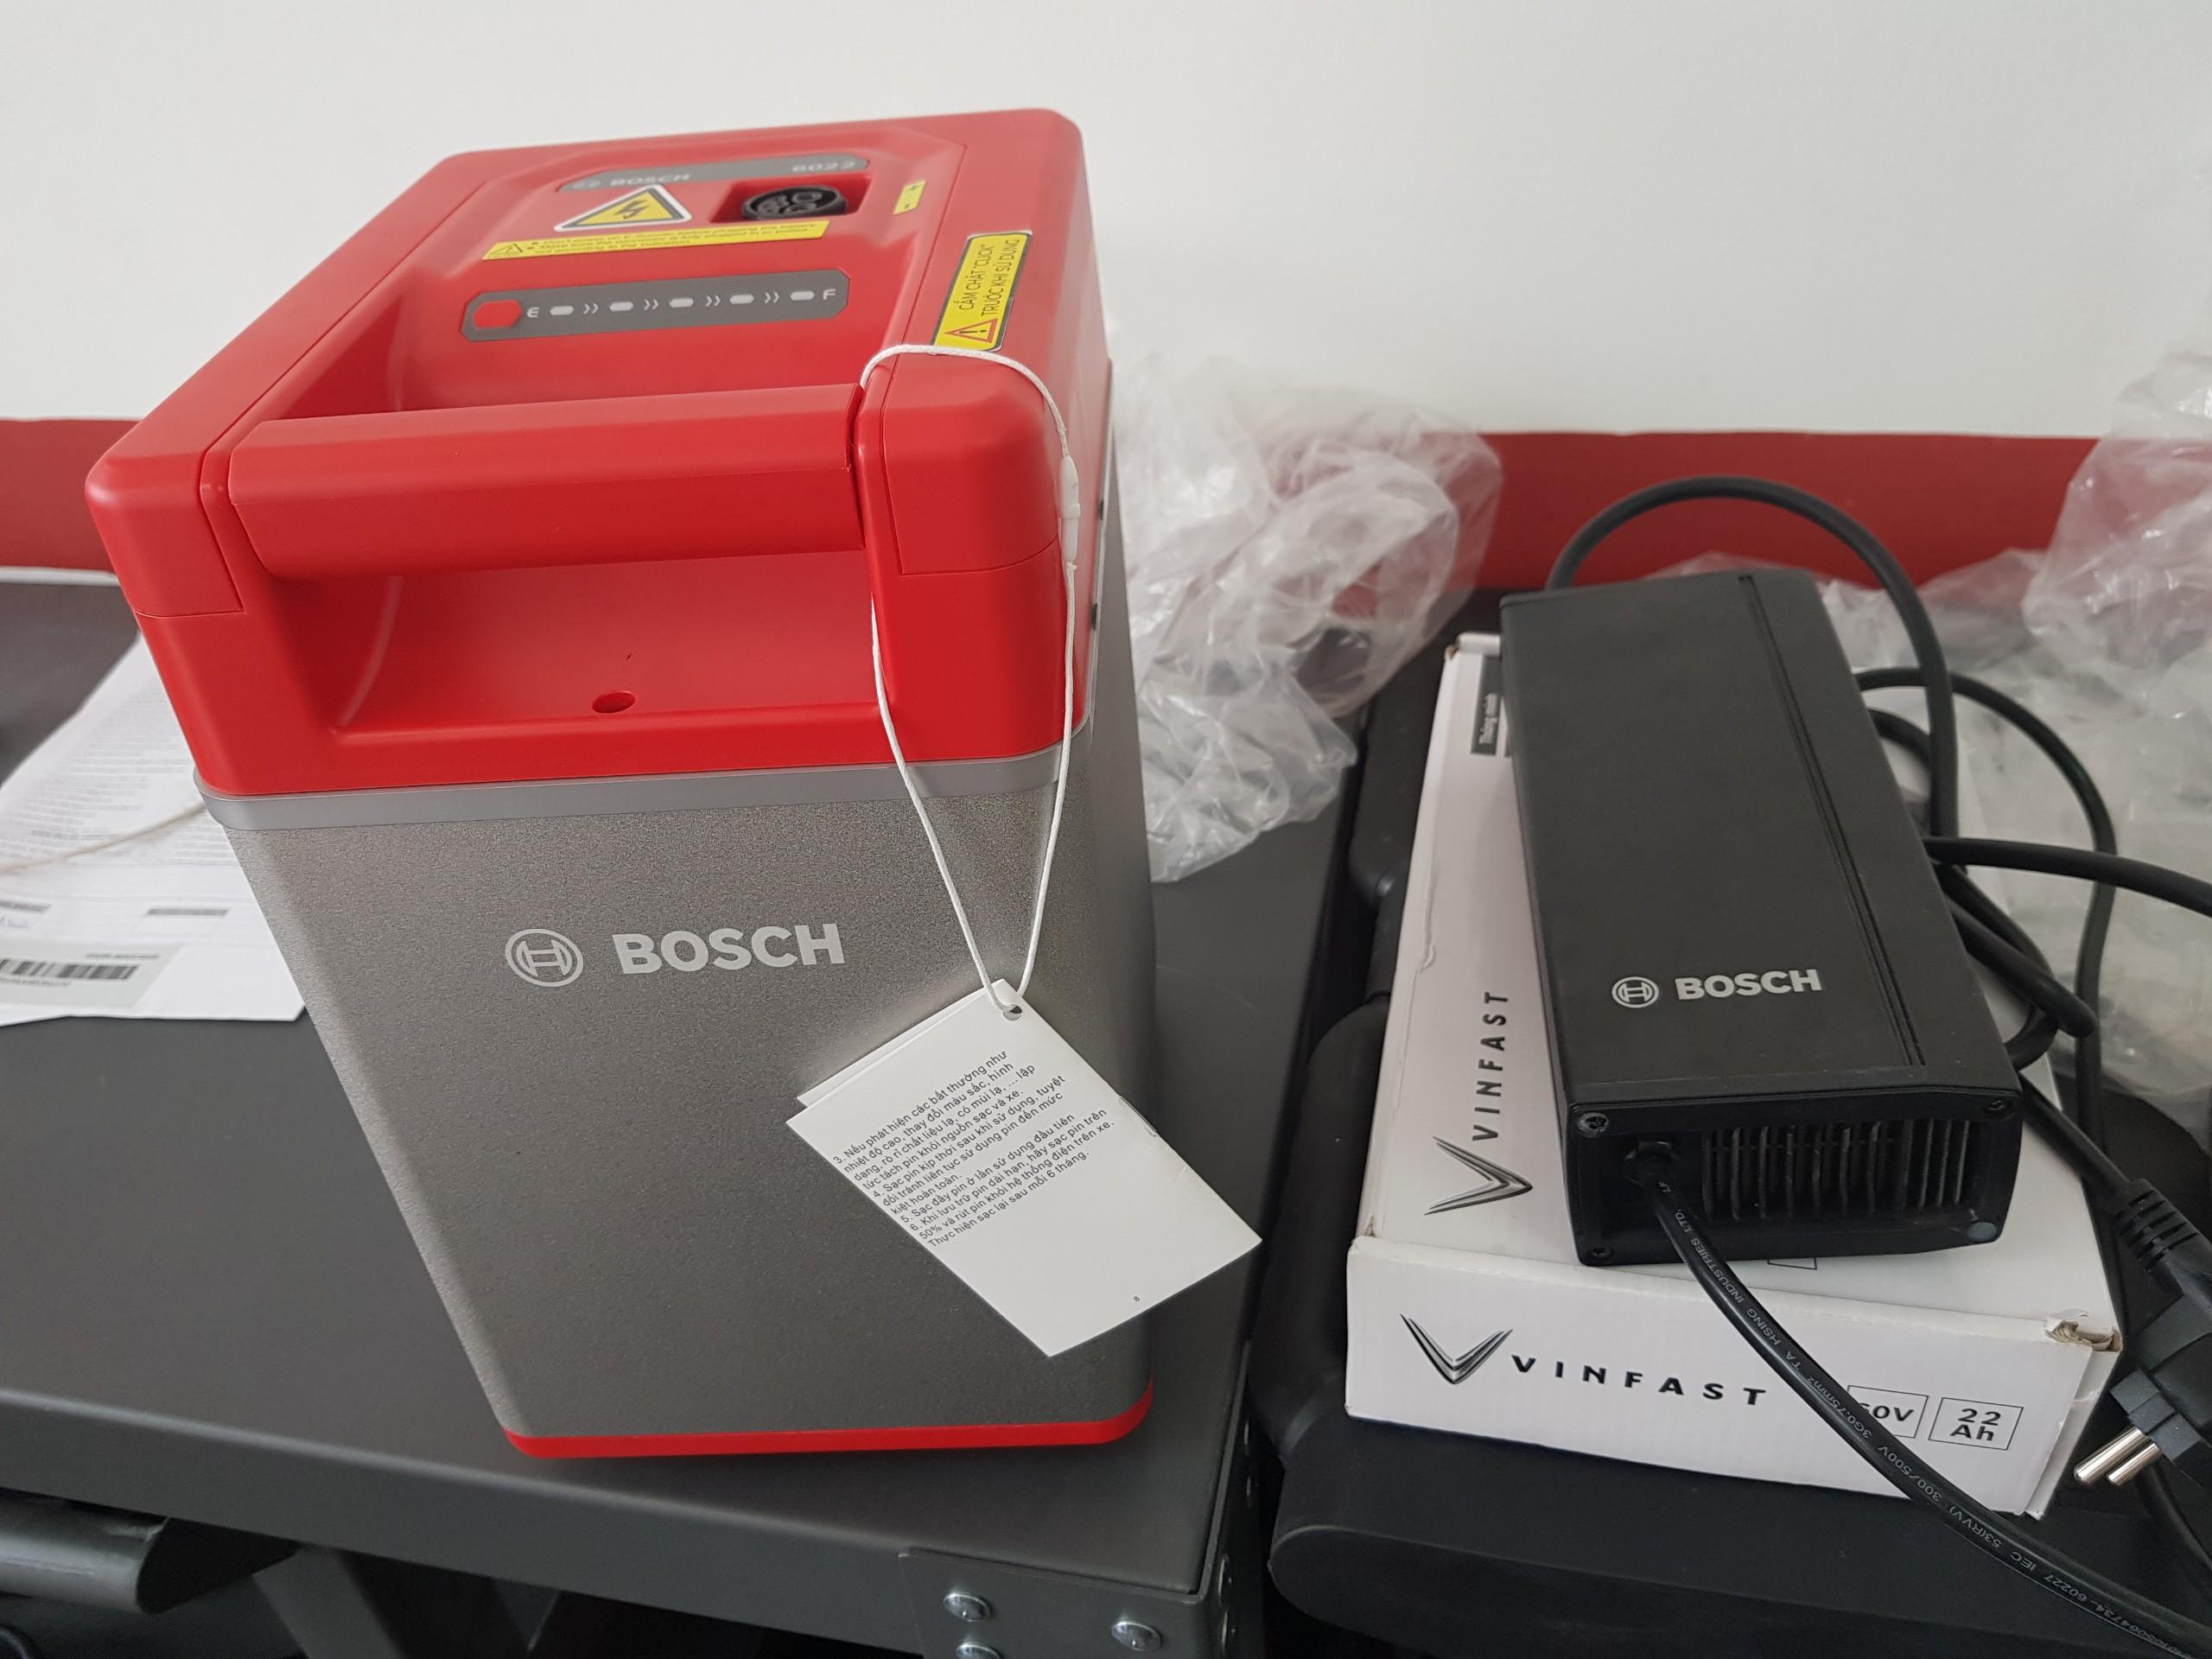 Xe máy điện VinFast sử dụng pin của thương hiệu Bosch